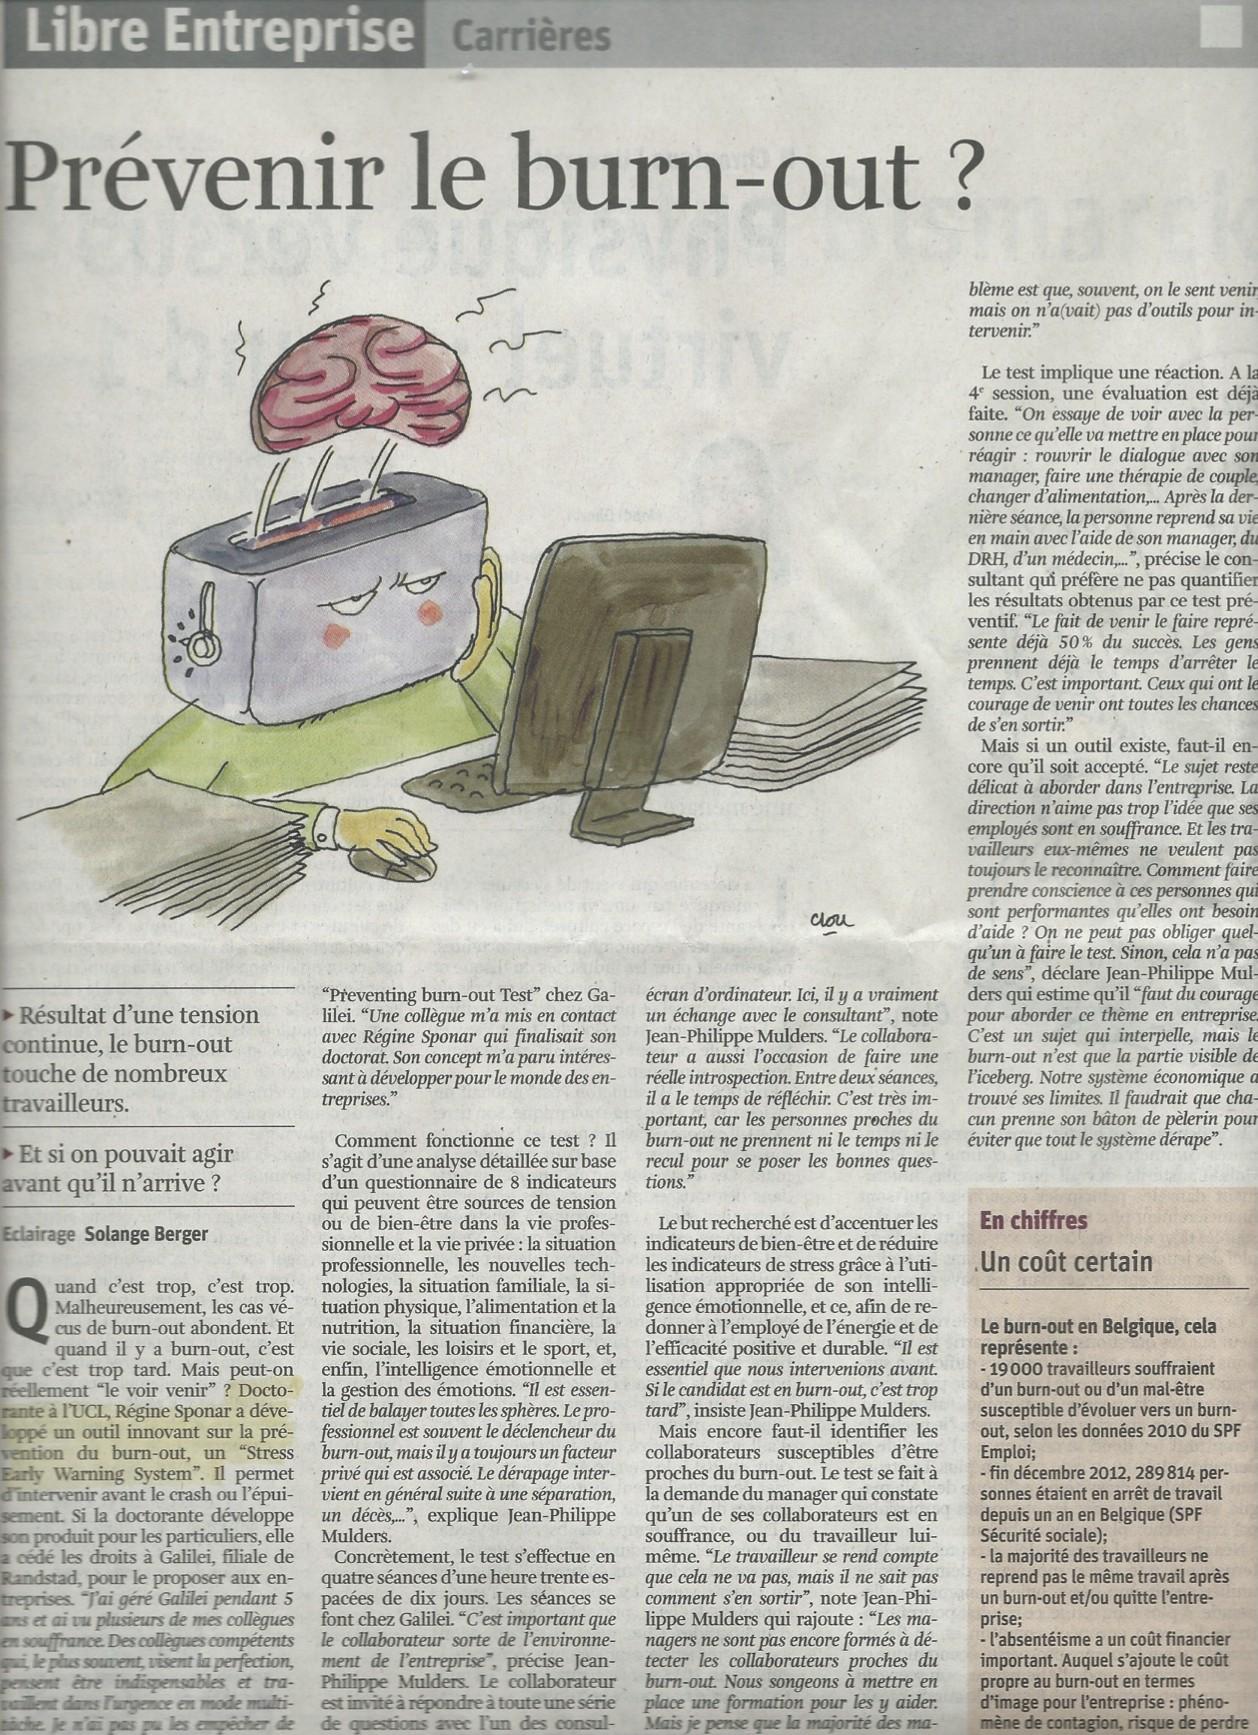 La Libre Premier article sur PBT - copie